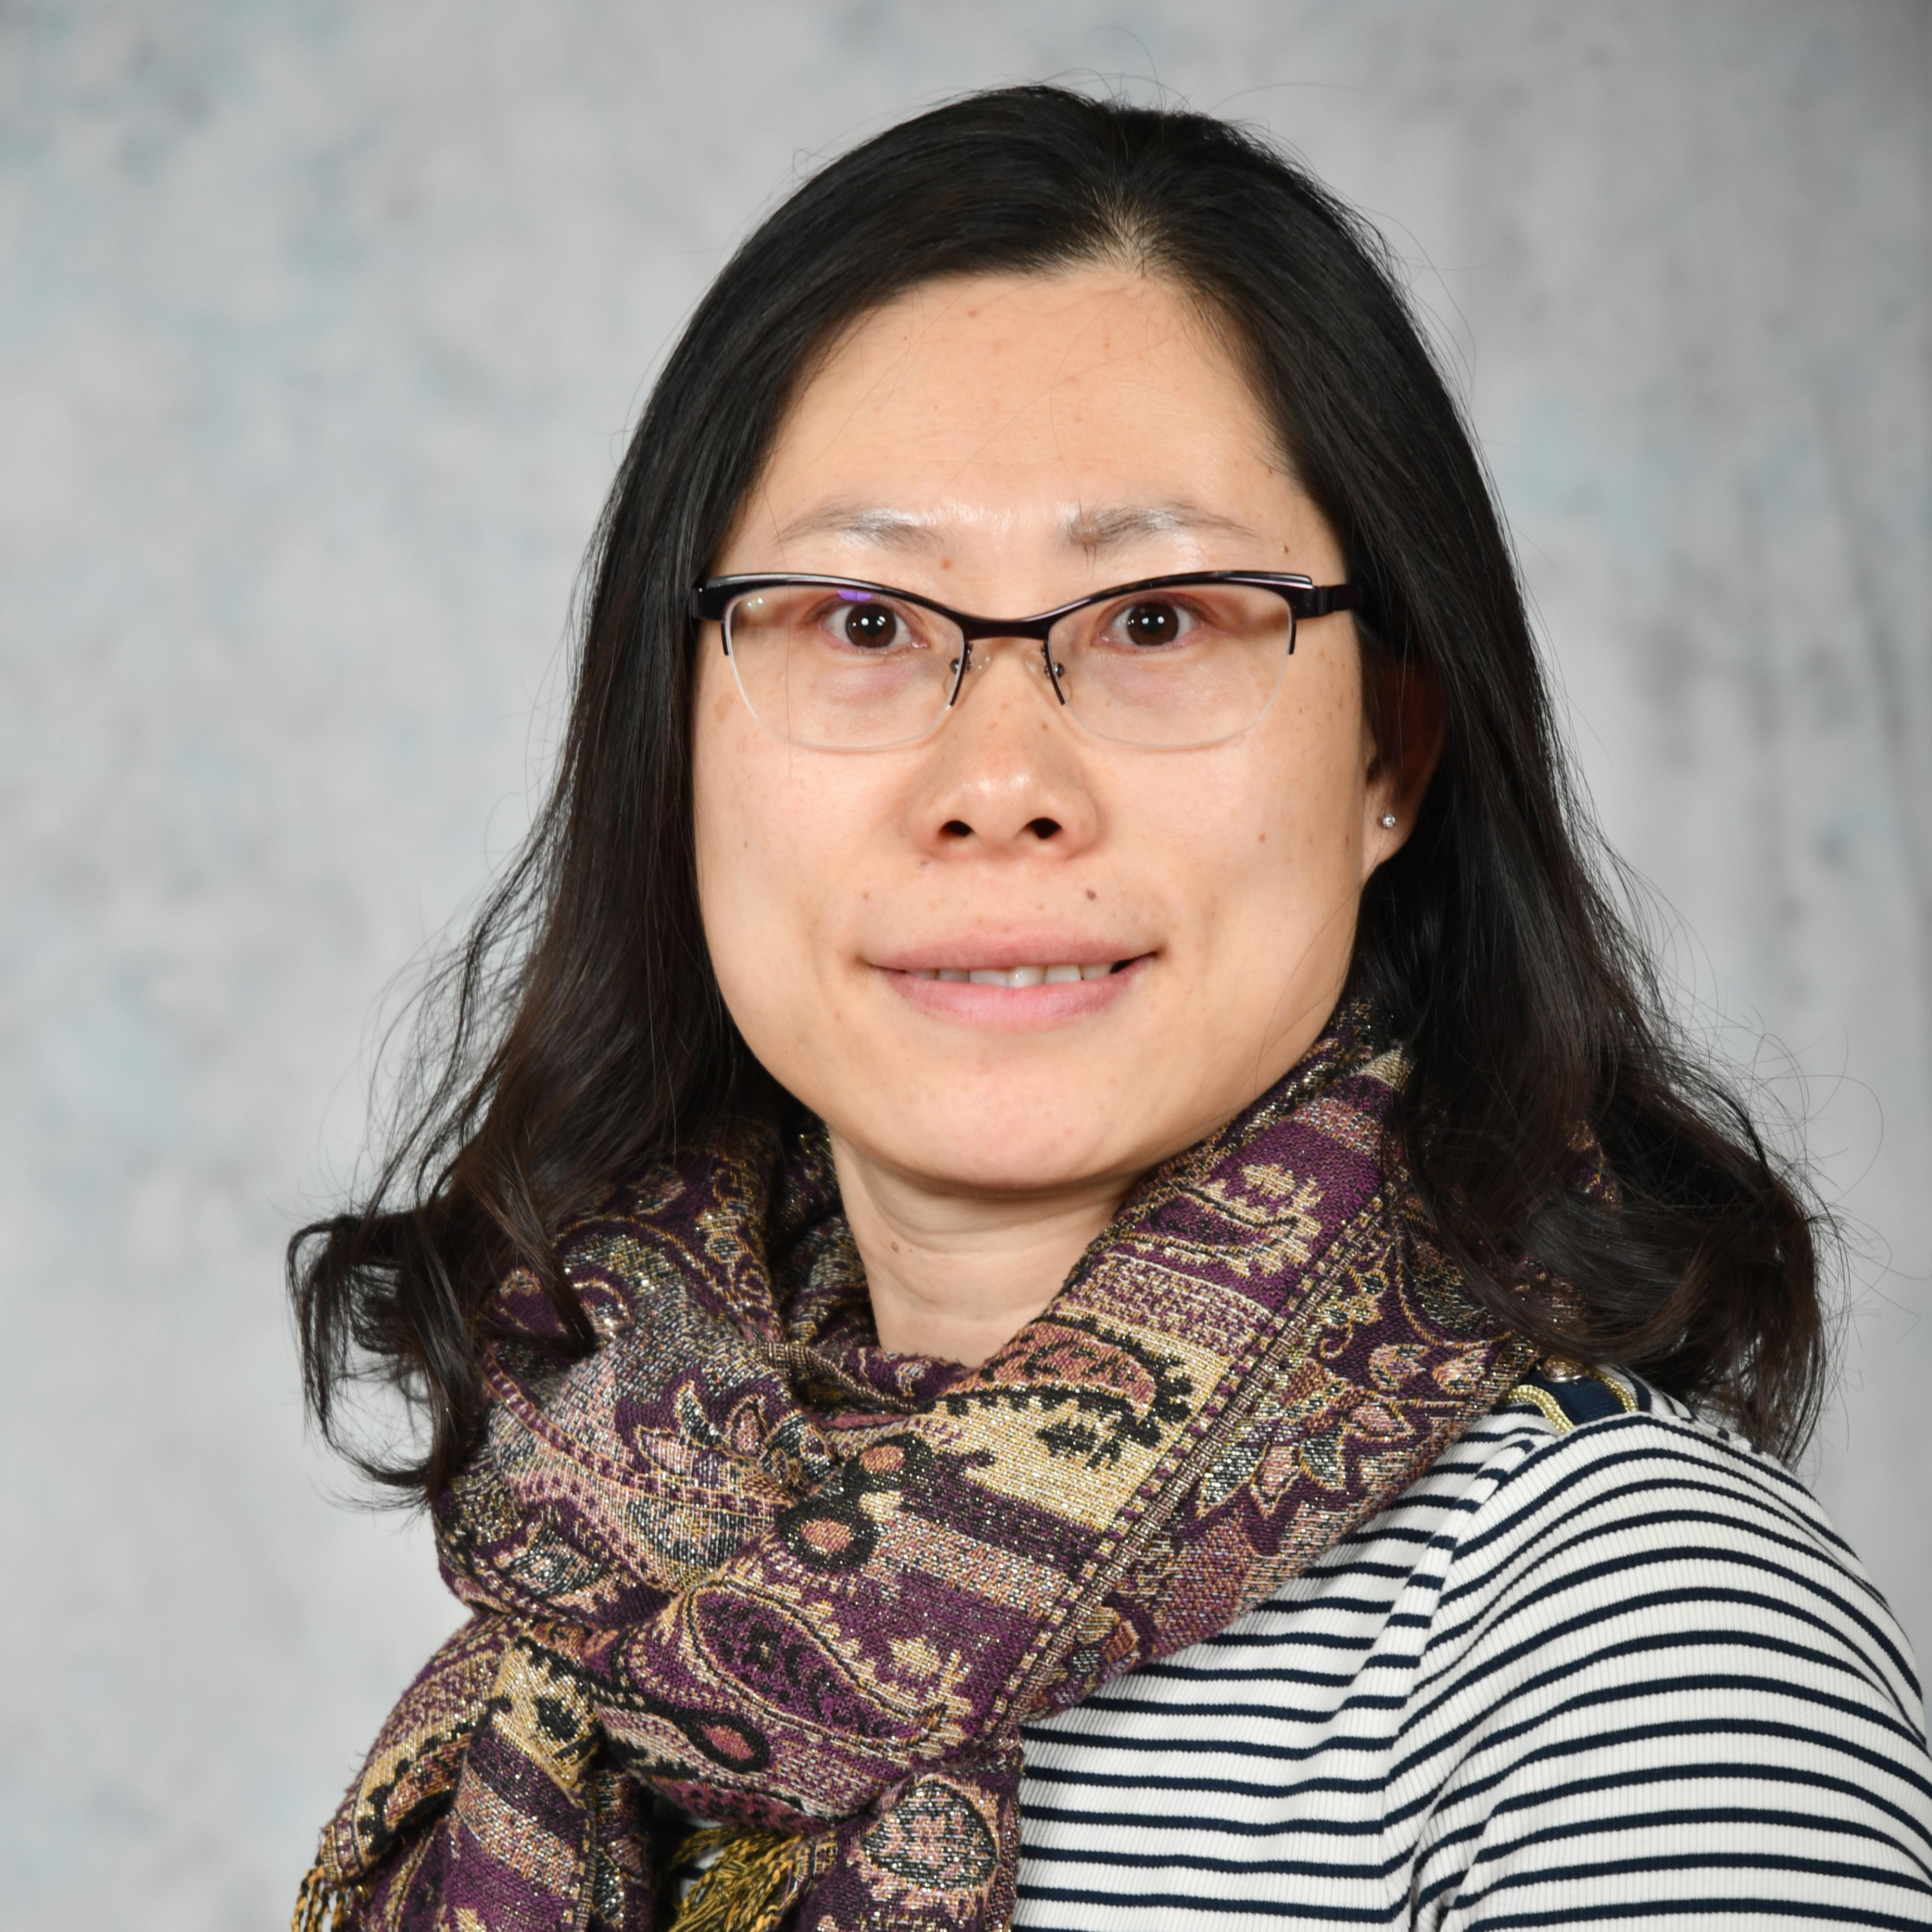 Xinli Wang